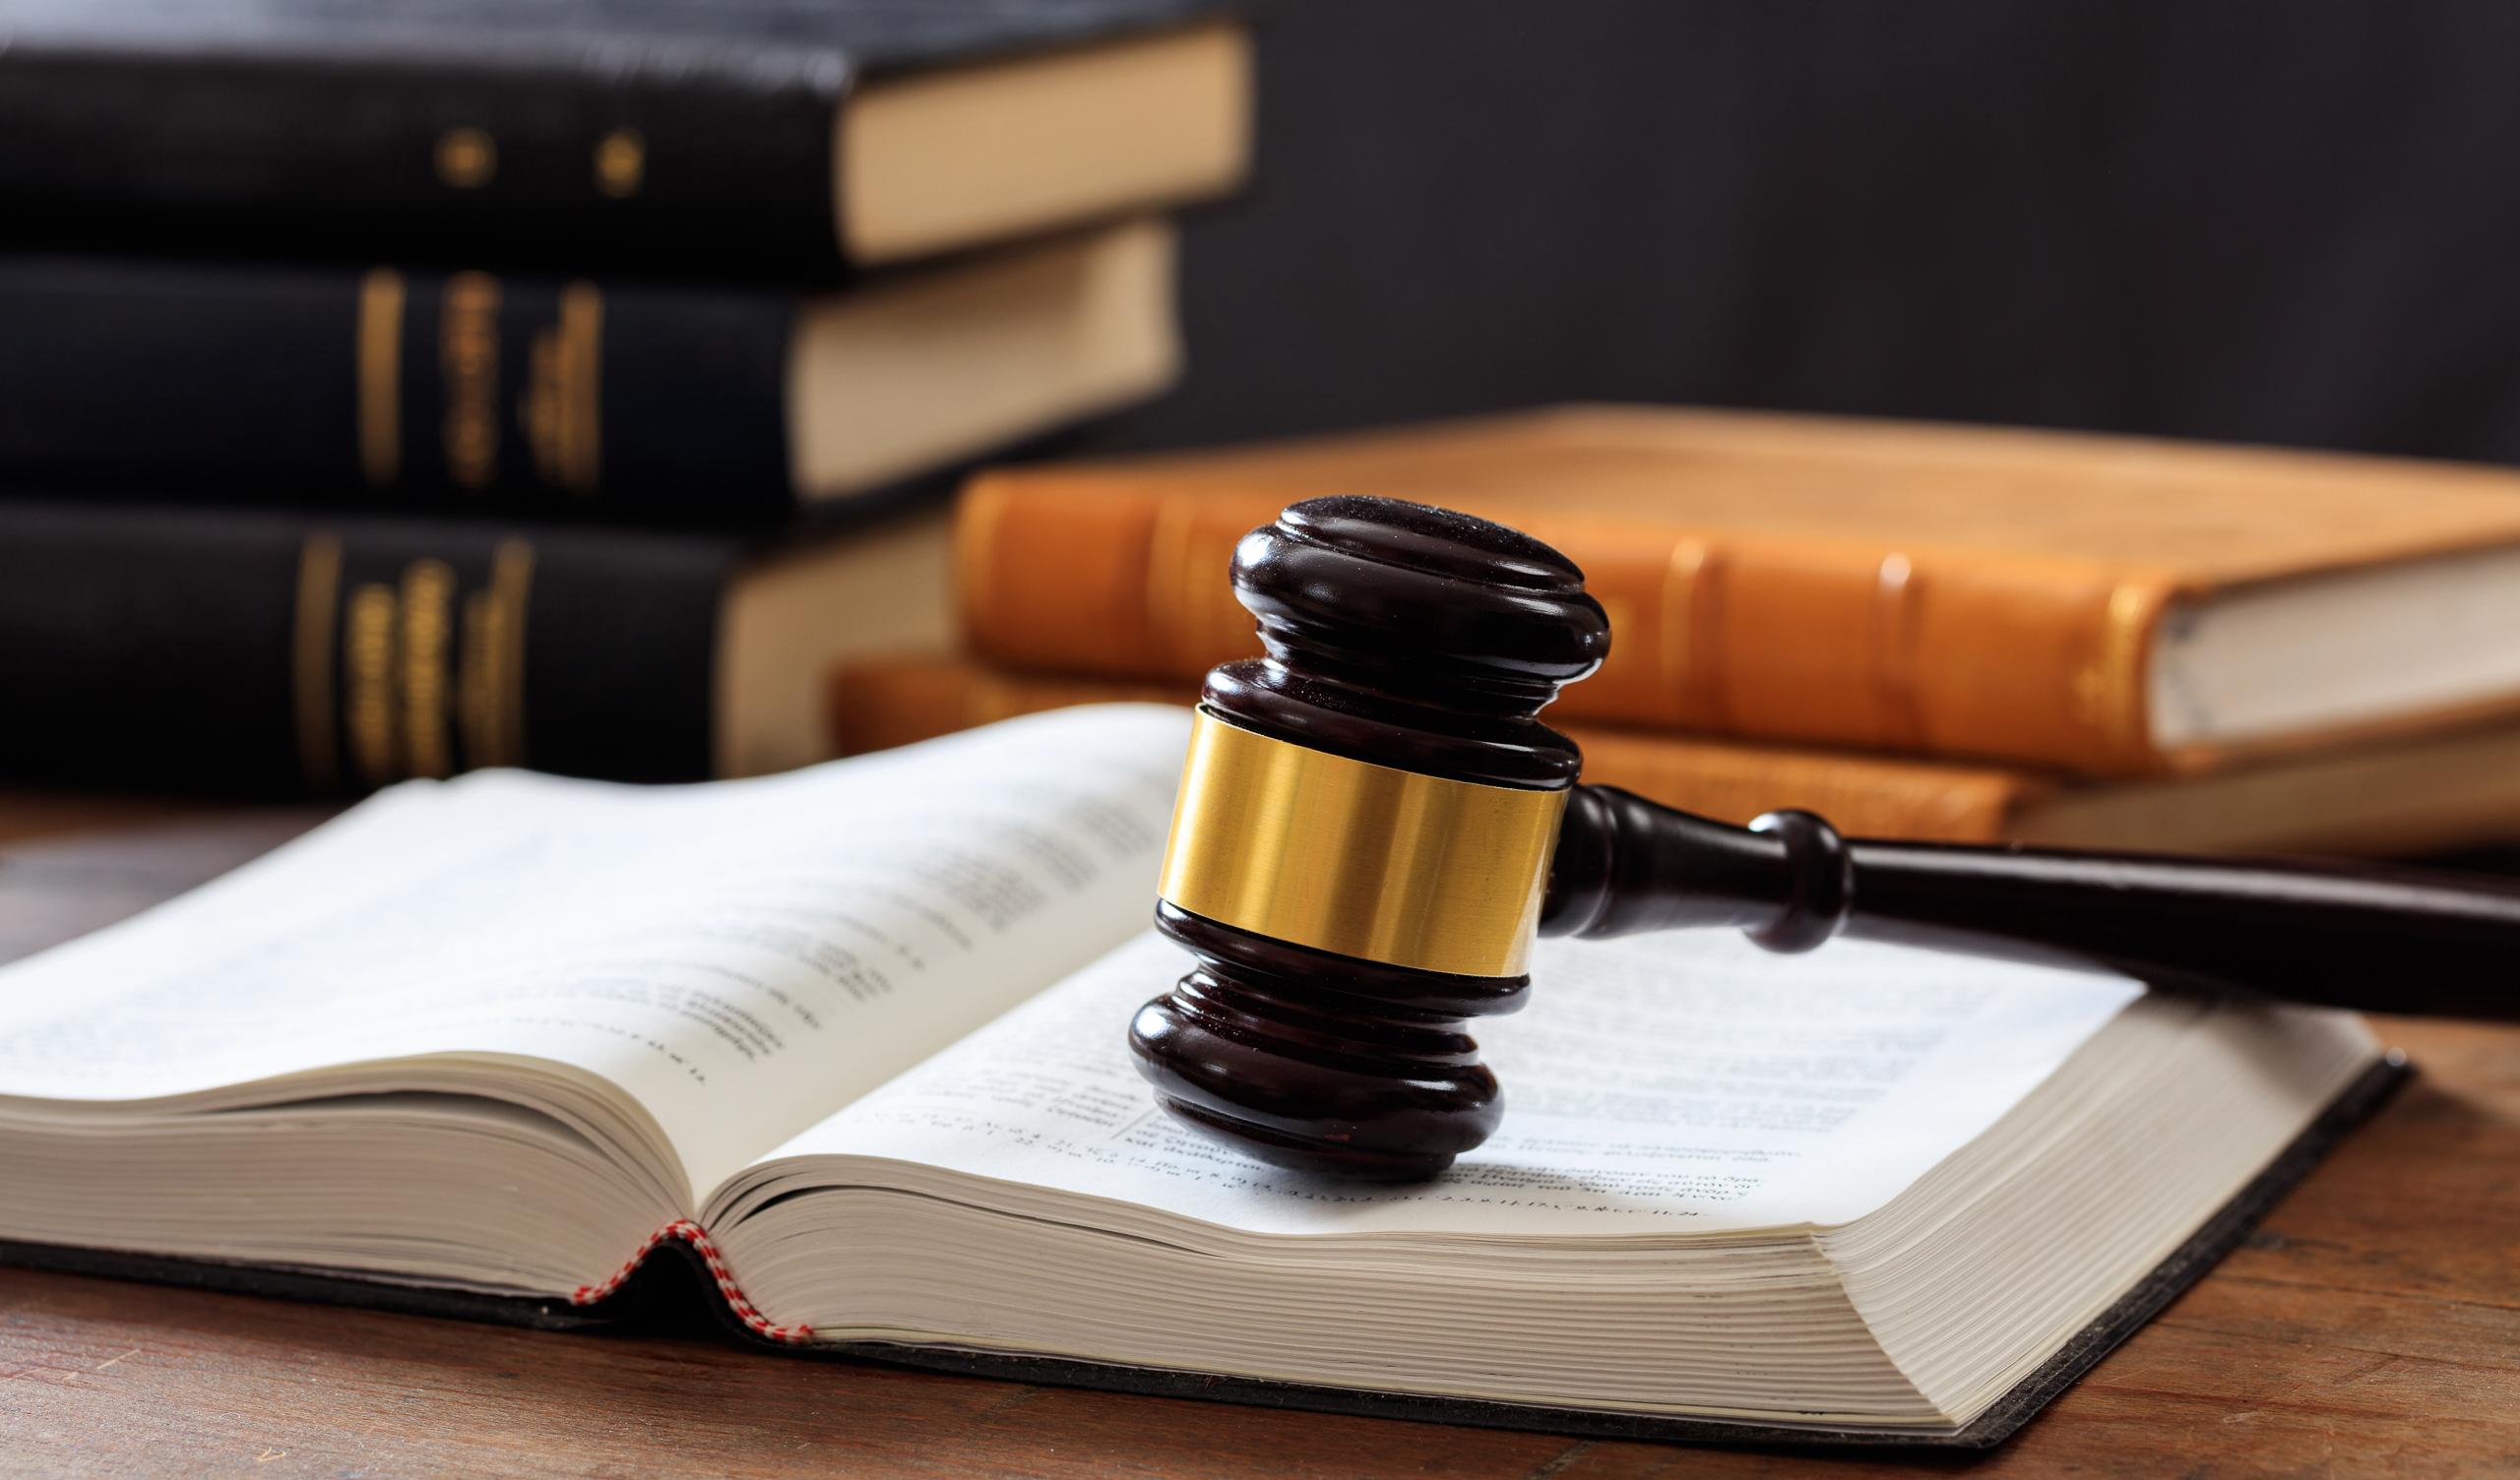 Scuola Legale Nisi – corsi di preparazione Esame Avvocato 2021